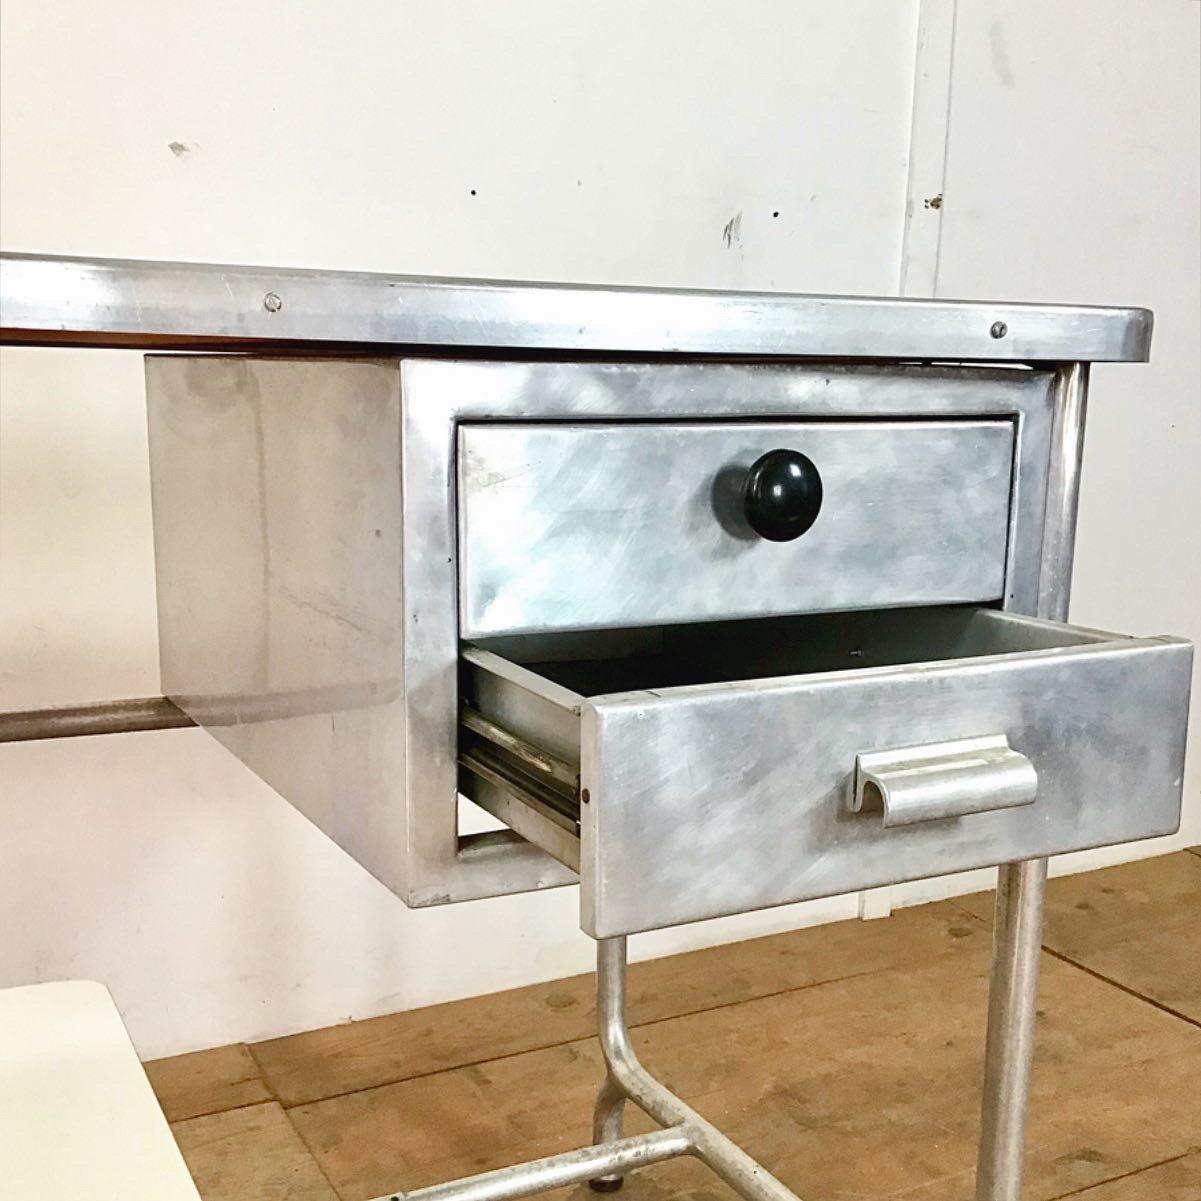 Aluminium Tisch. Schreibtisch mit Schubladen. 111cm mal 60cm höhe 78cm. Der Stuhl ist höhenverstellbar. Tisch Oberfläche matt Violett lackiert